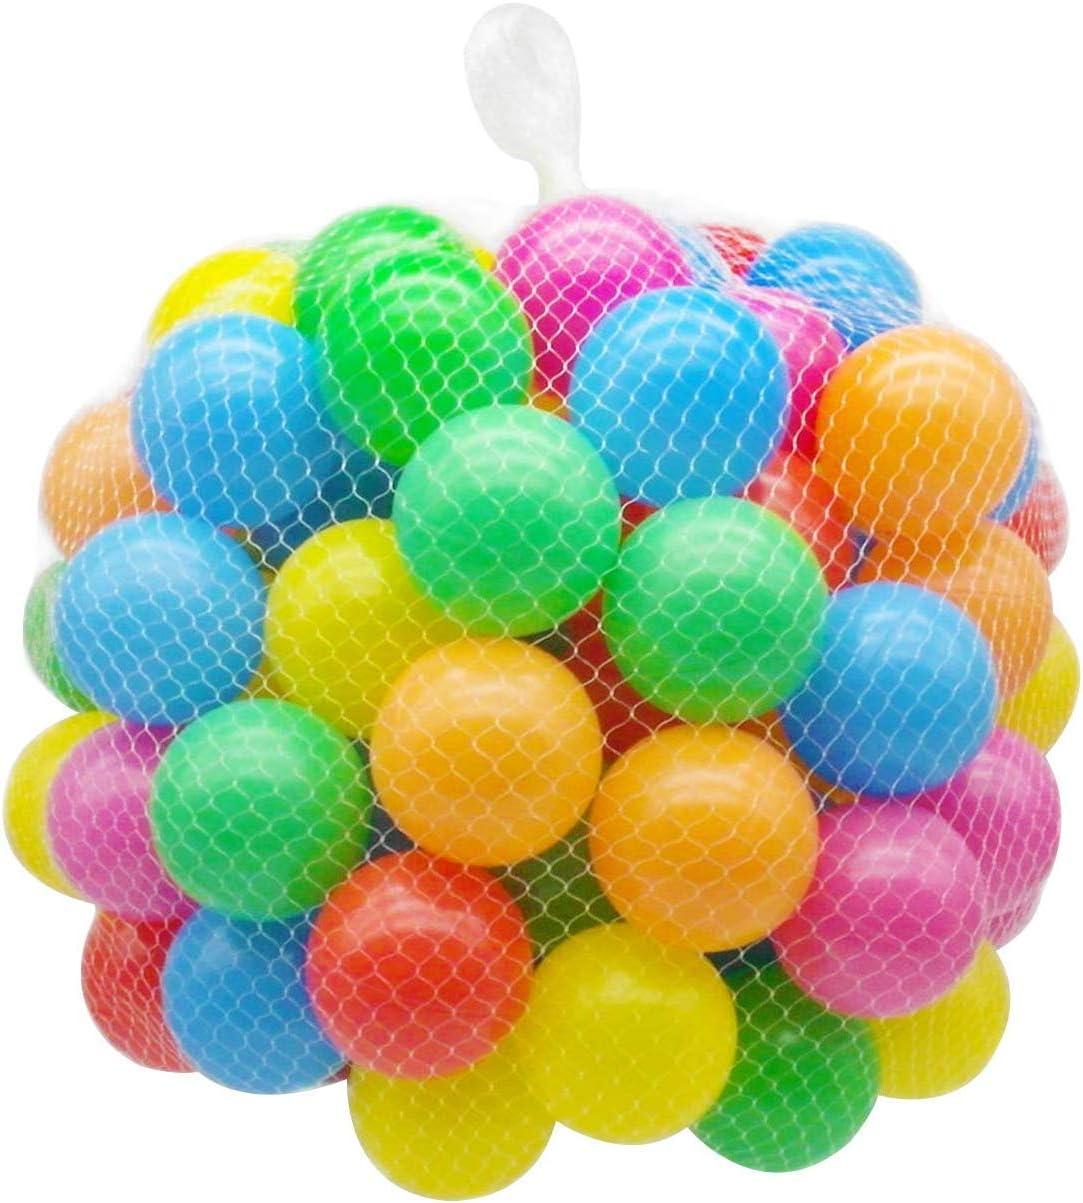 BriskyM 100pcs Bolas de Colores, Plástico Blando no tóxico, Libre de ftalato, a Prueba de aplastamiento, Bolas de Pit, bebé, Juguetes para niños, Juguetes para Nadar